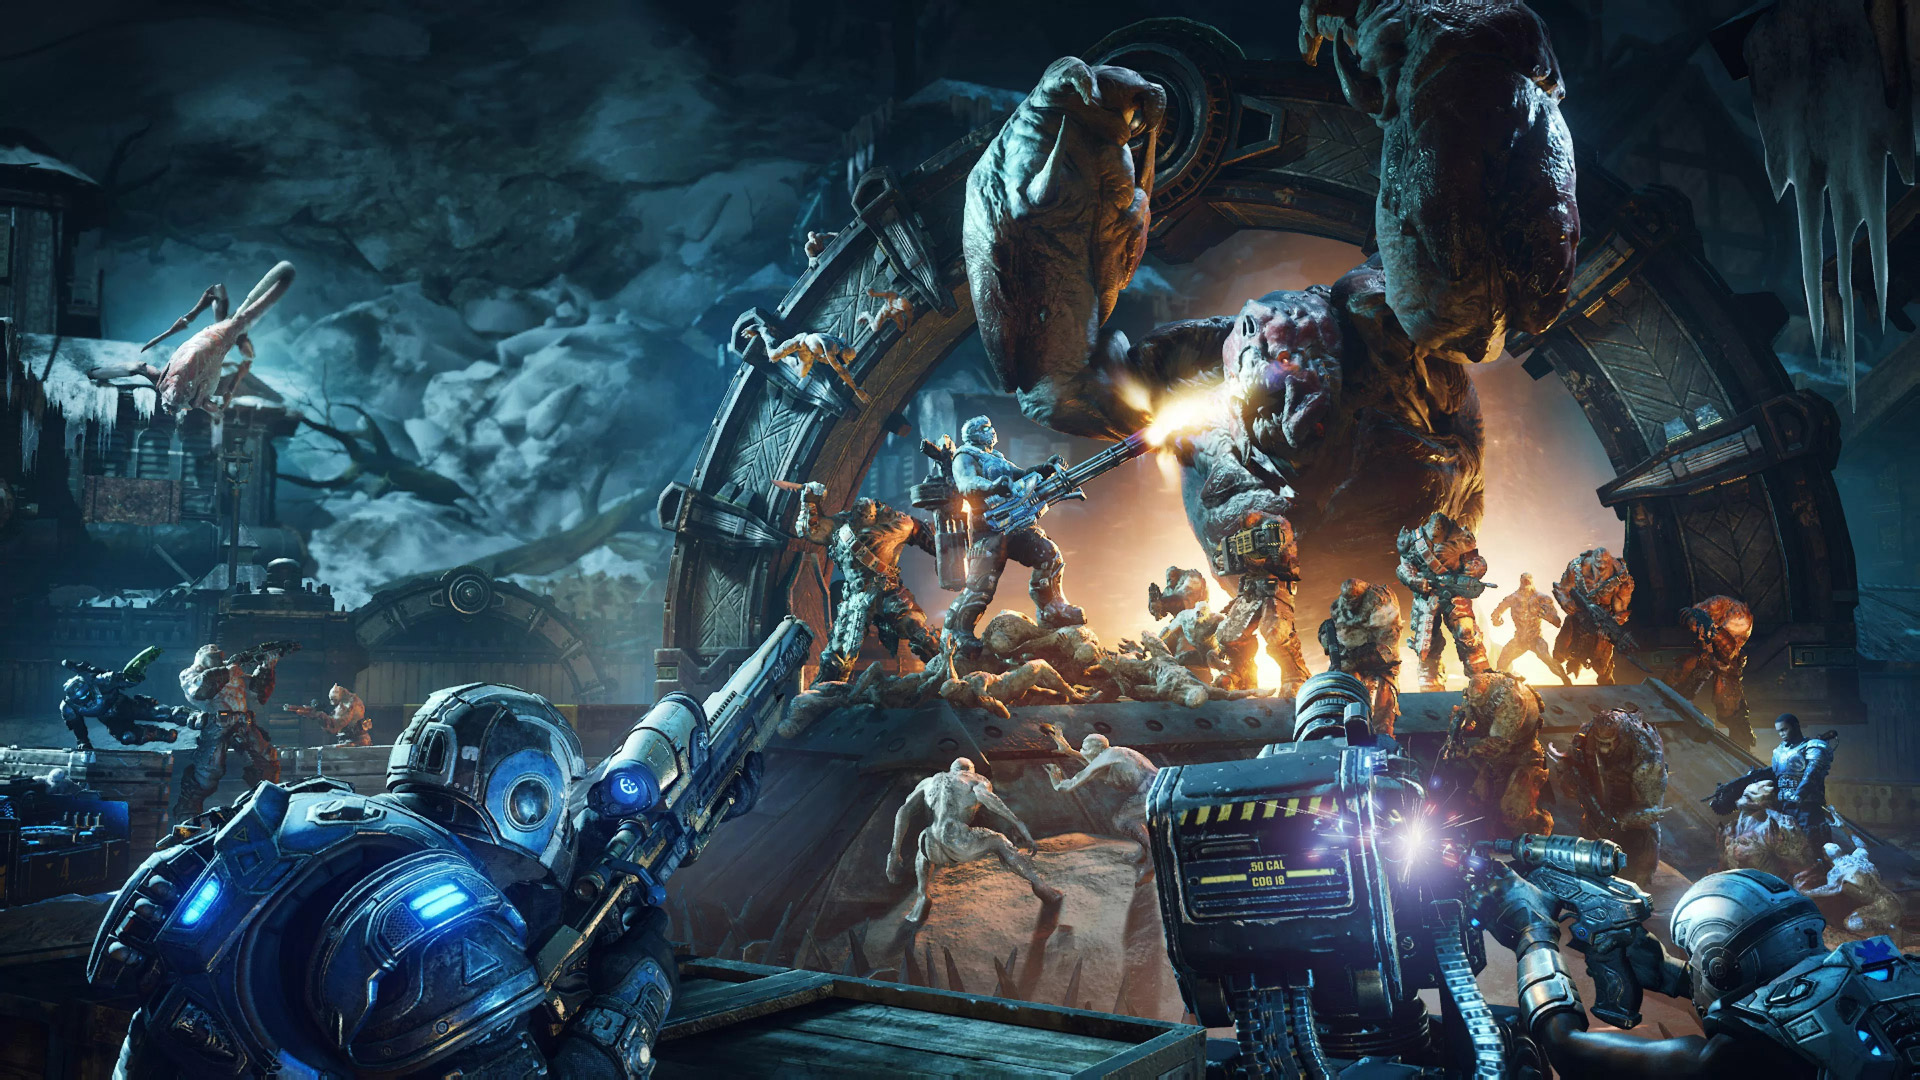 Gears Of War 4 Wallpaper Hd Posted By John Peltier